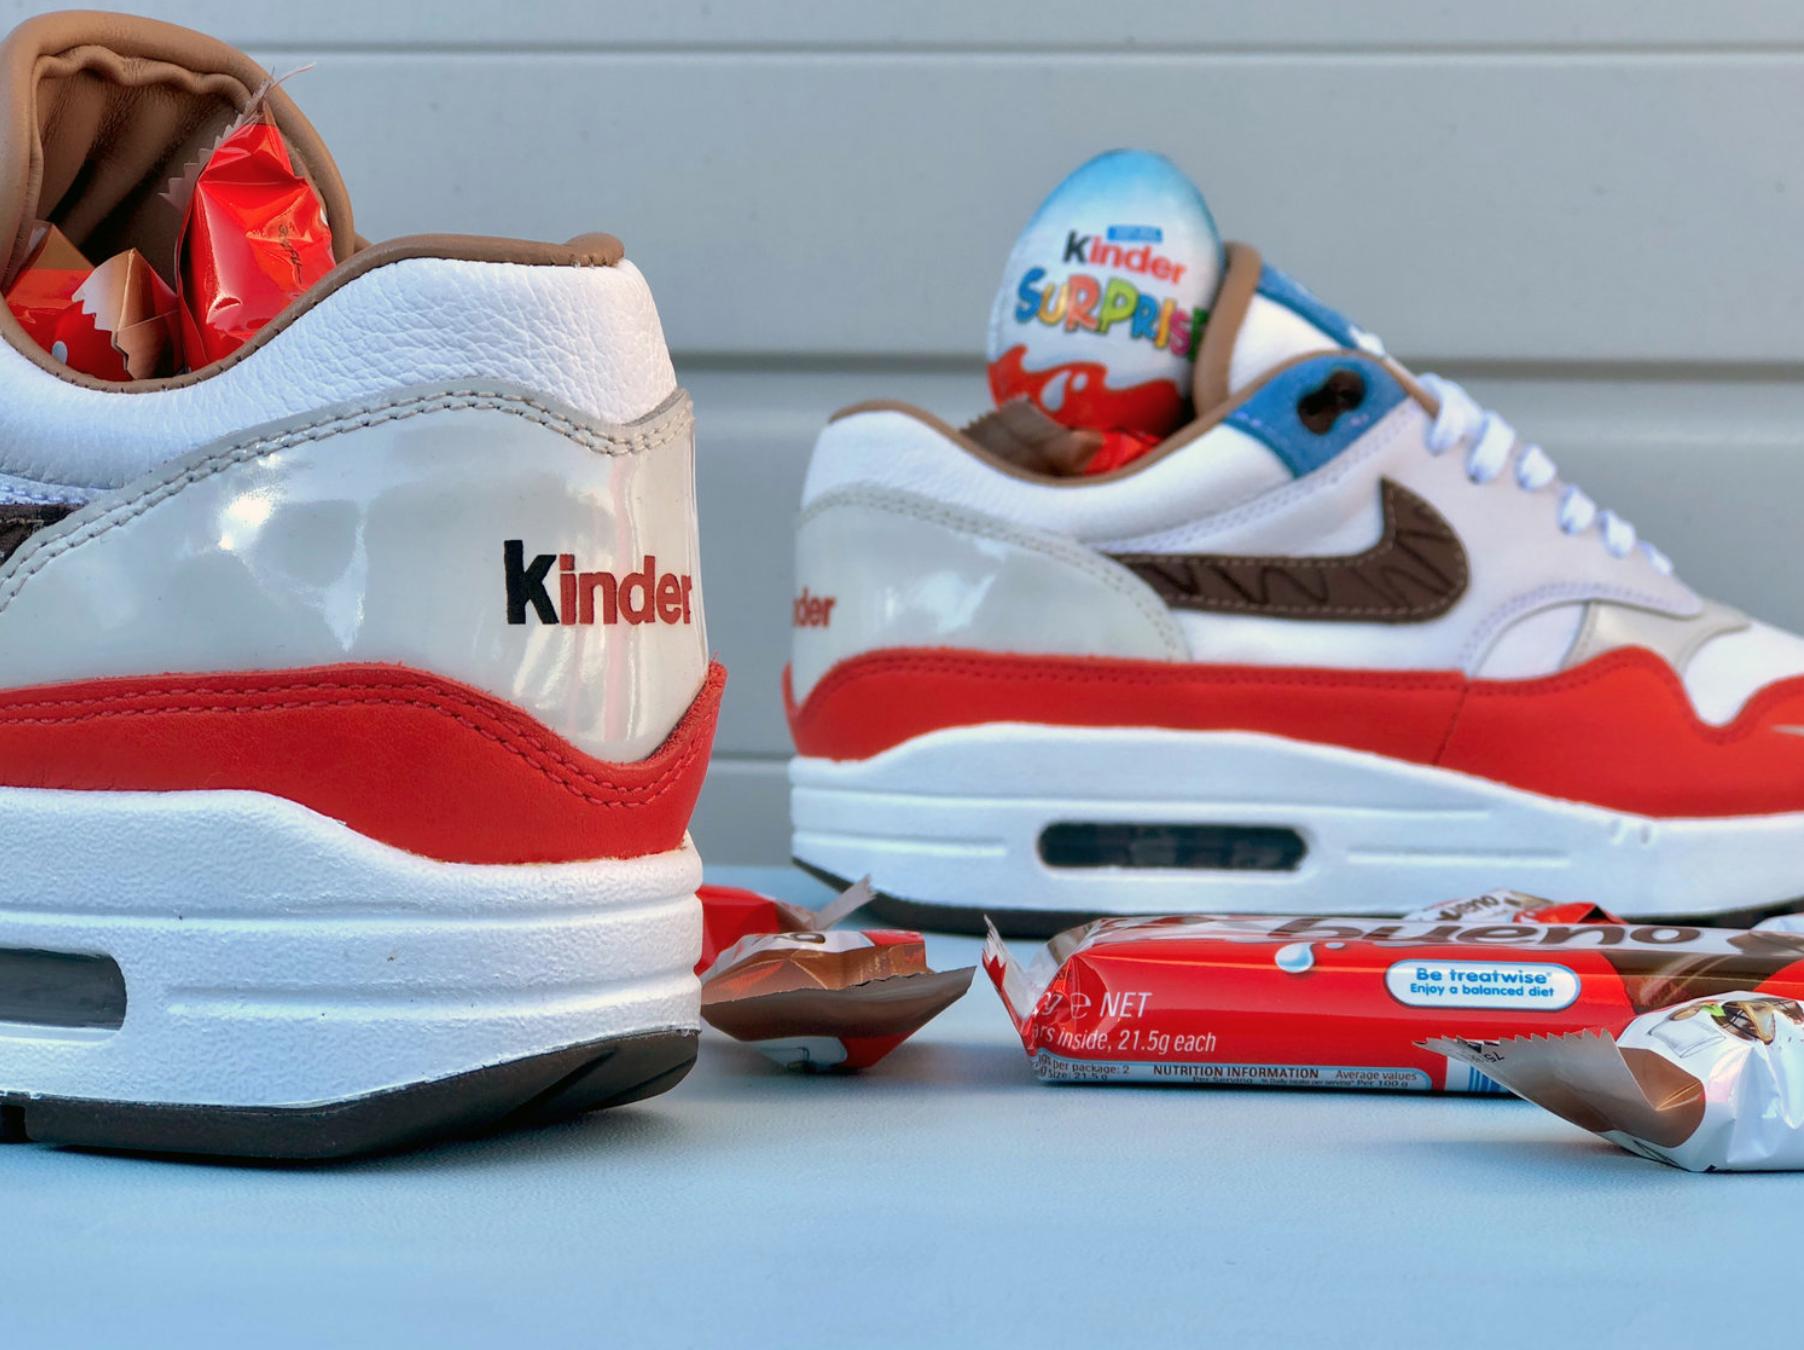 Des Les Nike Édition Kinder Limitée Chaussures En Pour Amoureux De 8nmy0NwOvP